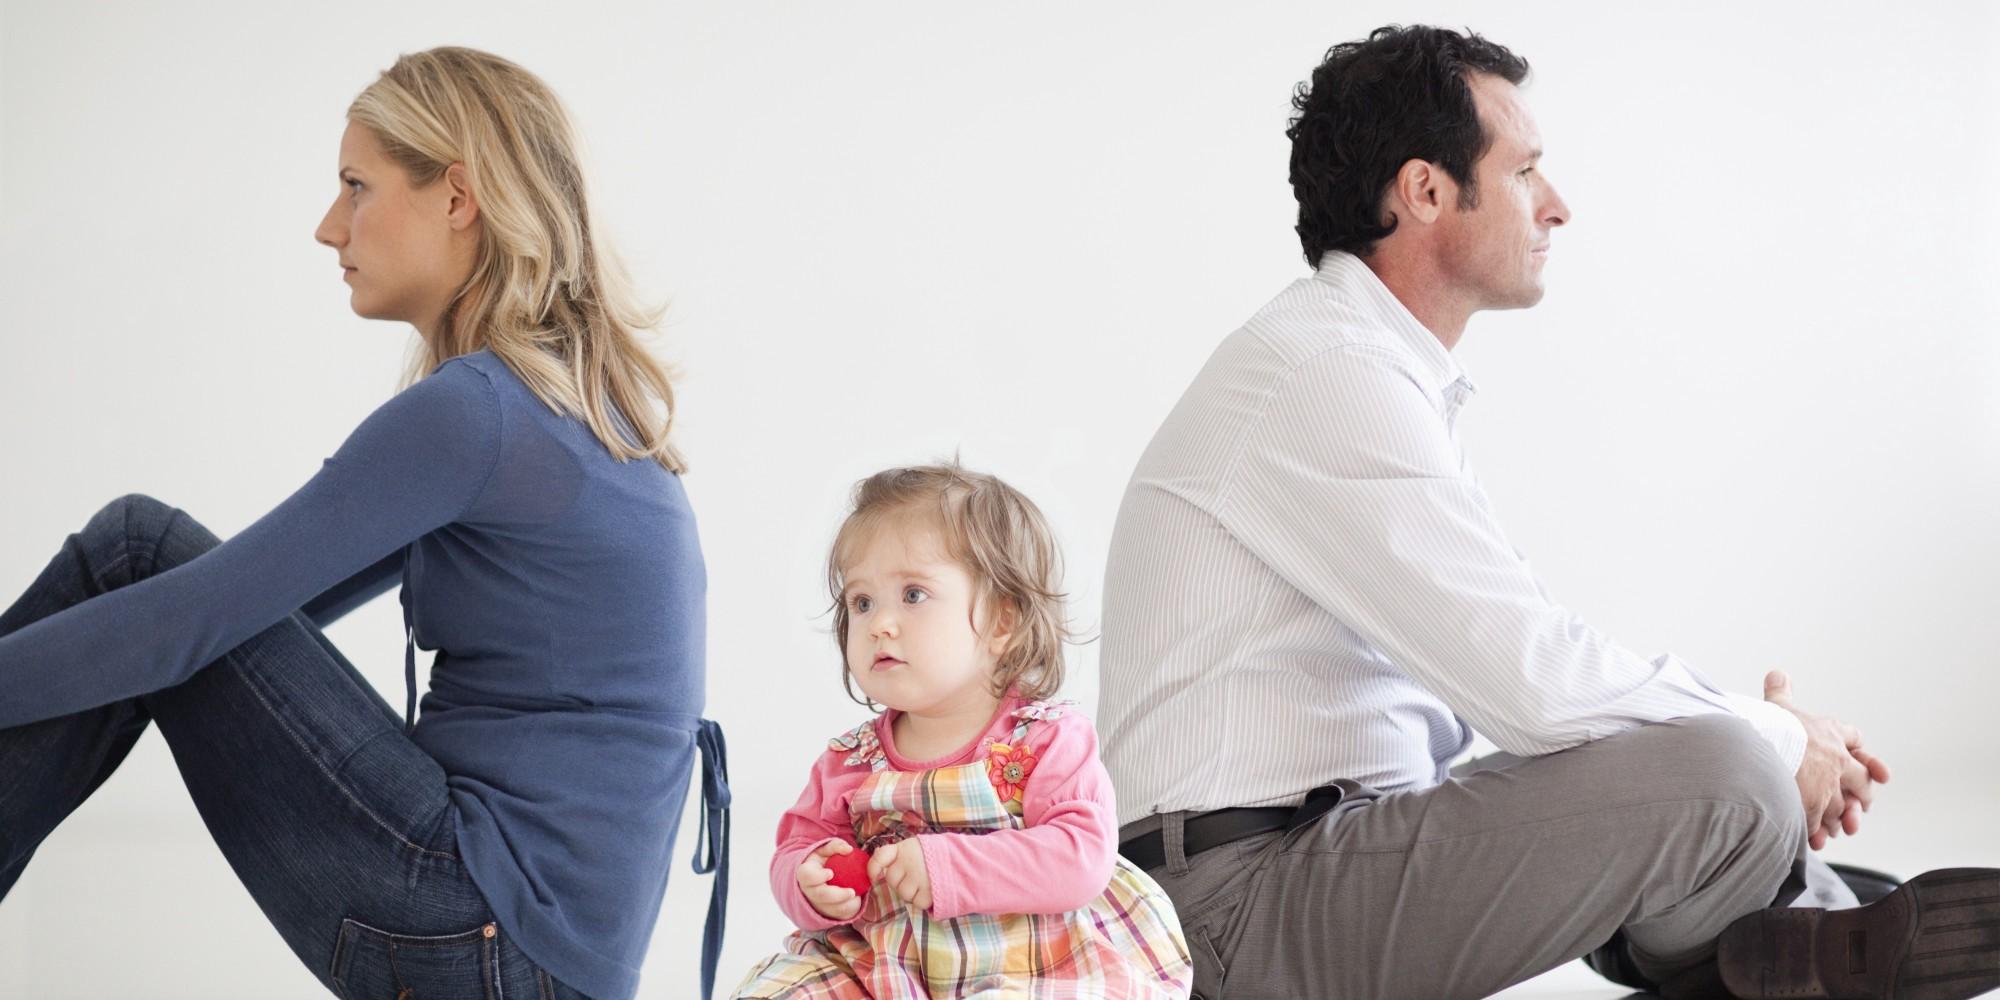 Как быстро развестись, что нужно сделать